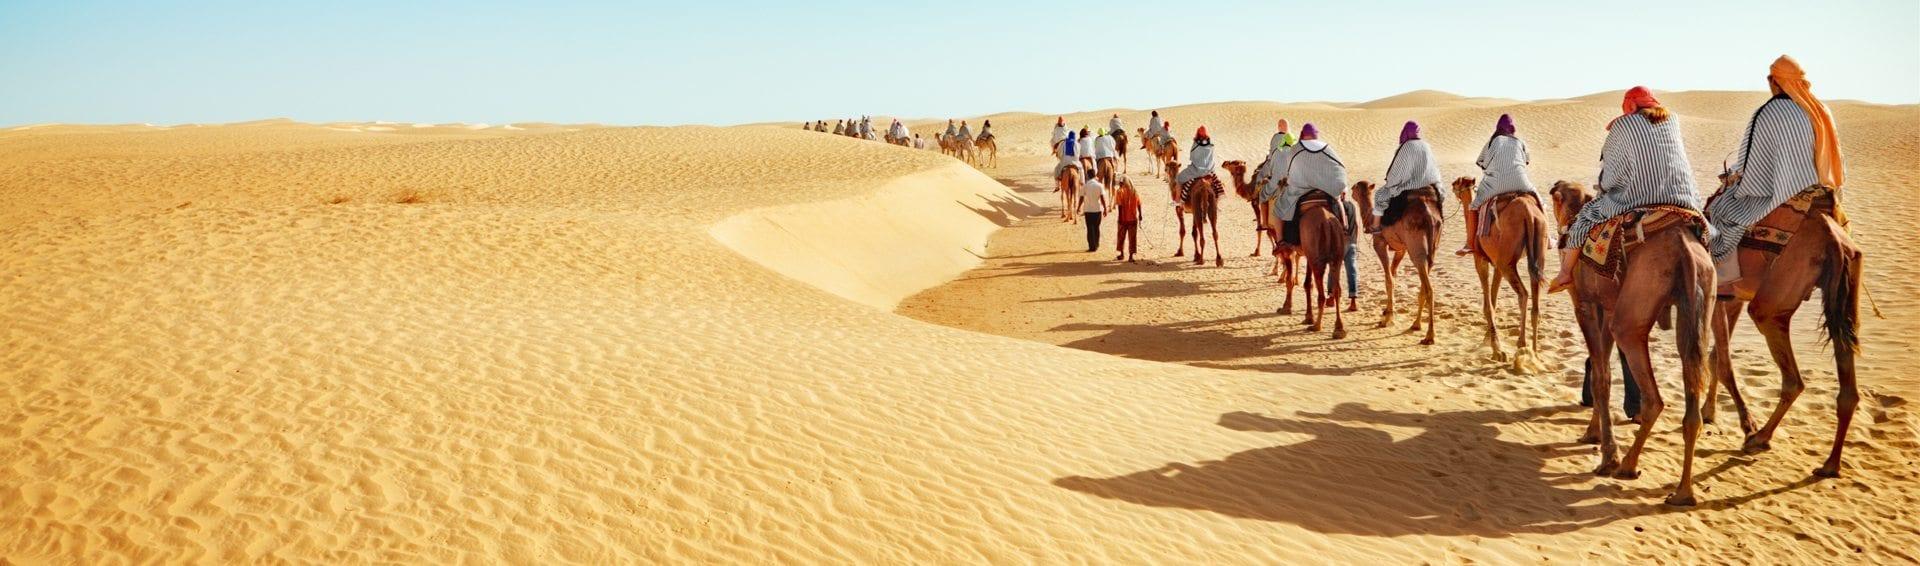 Morocco Tours Trips To Morocco Travel Talk Tours - Morocco tours